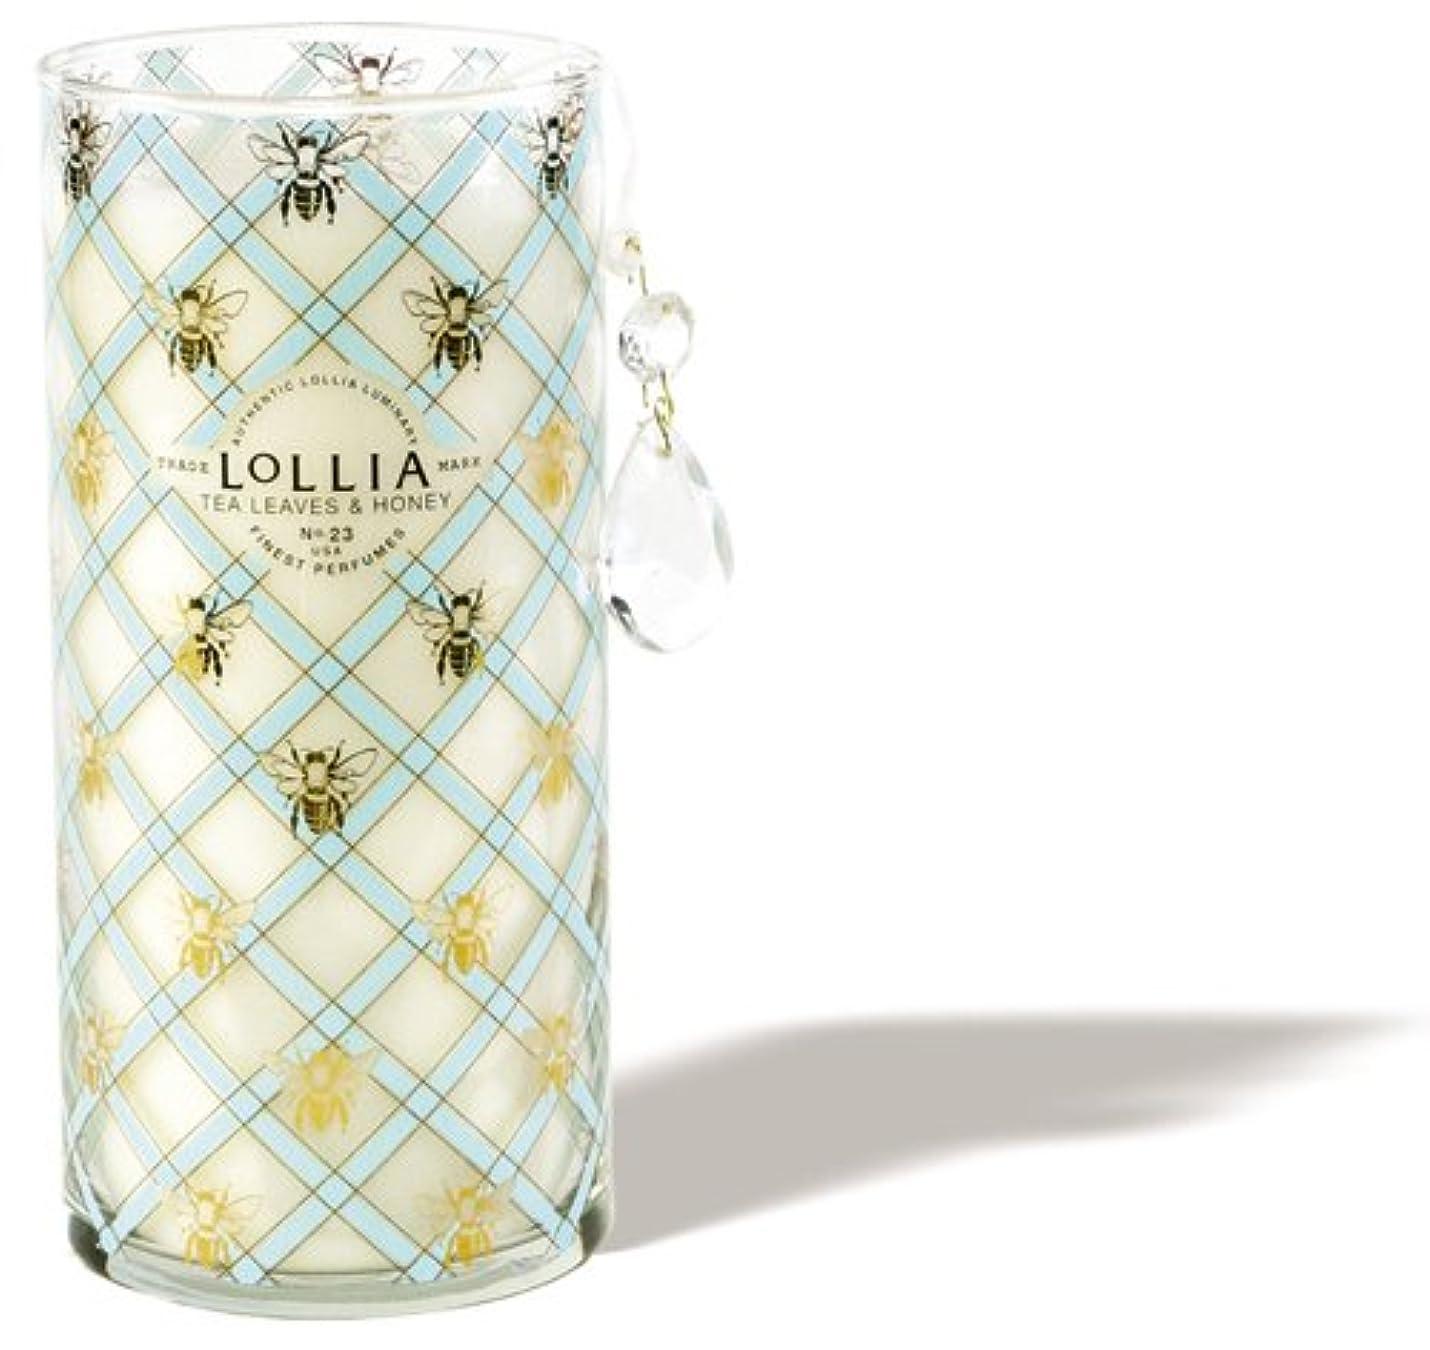 旧正月液化する法令ロリア(LoLLIA) トールパフュームドルミナリー790g Wish(チャーム付キャンドル ティーリーフ&ハニーの香り)